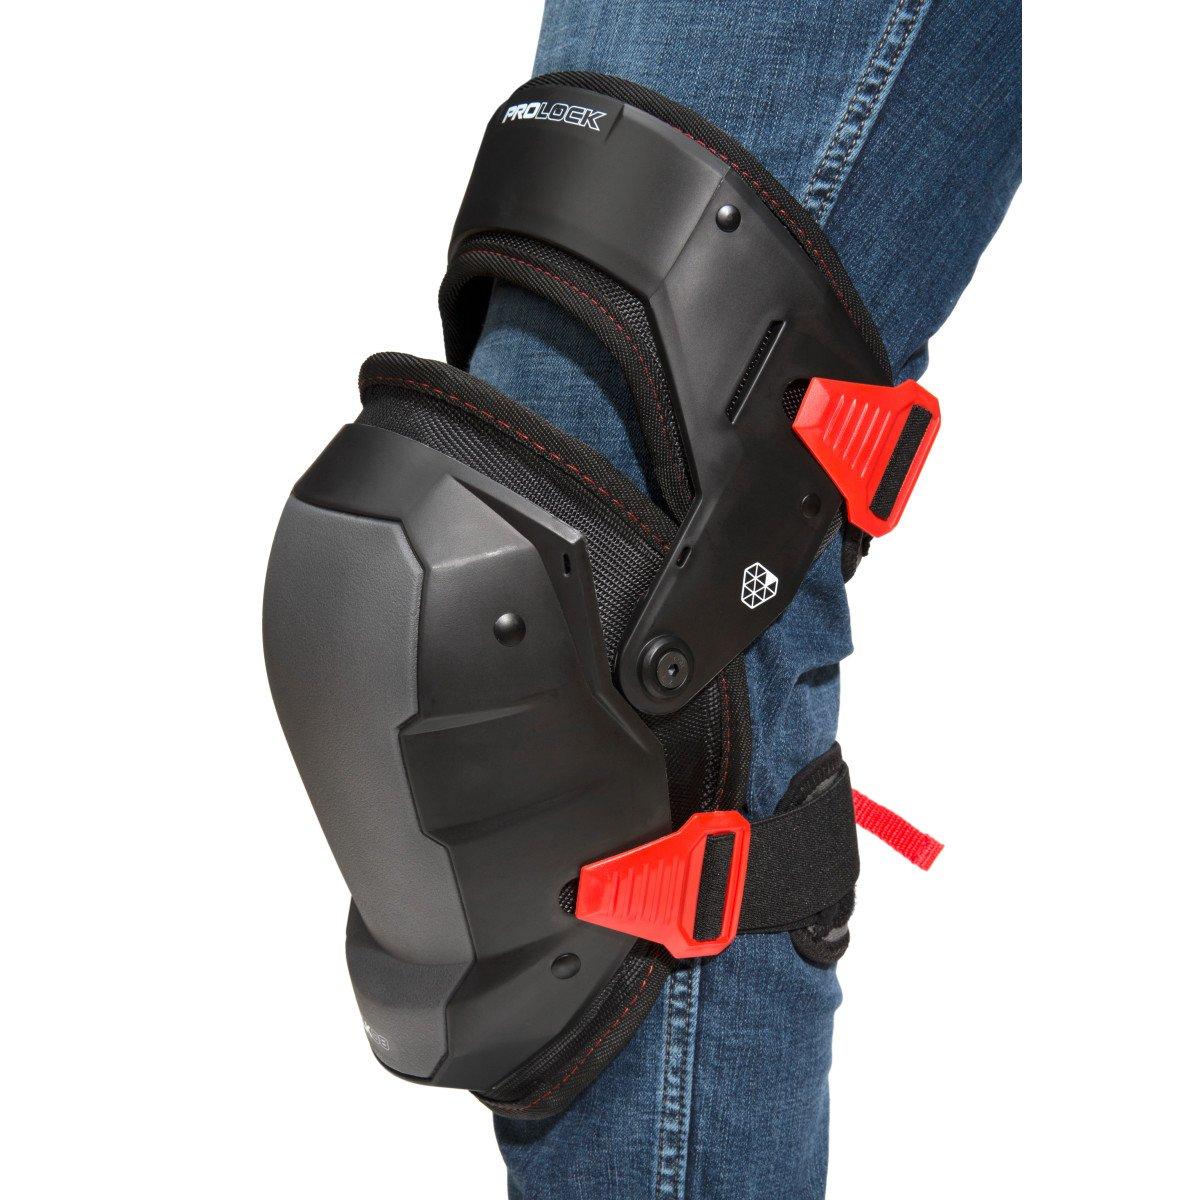 PROLOCK PLK08 93183 Gel Knee Pads Plus (1 pair) by PROLOCK (Image #4)